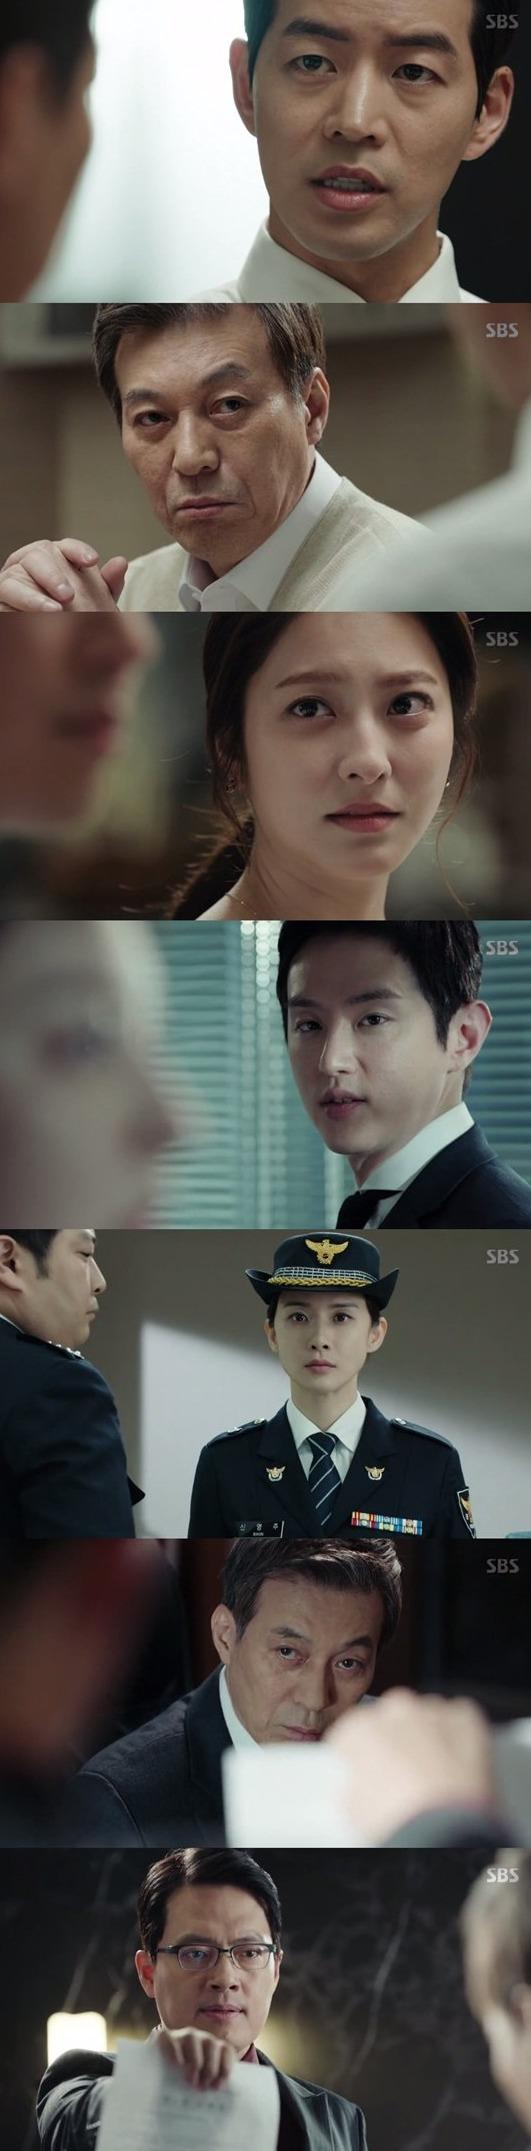 Spoiler Added Episode 12 Captures For The Korean Drama Whisper Korean Drama Korean Entertainment News Japanese Drama